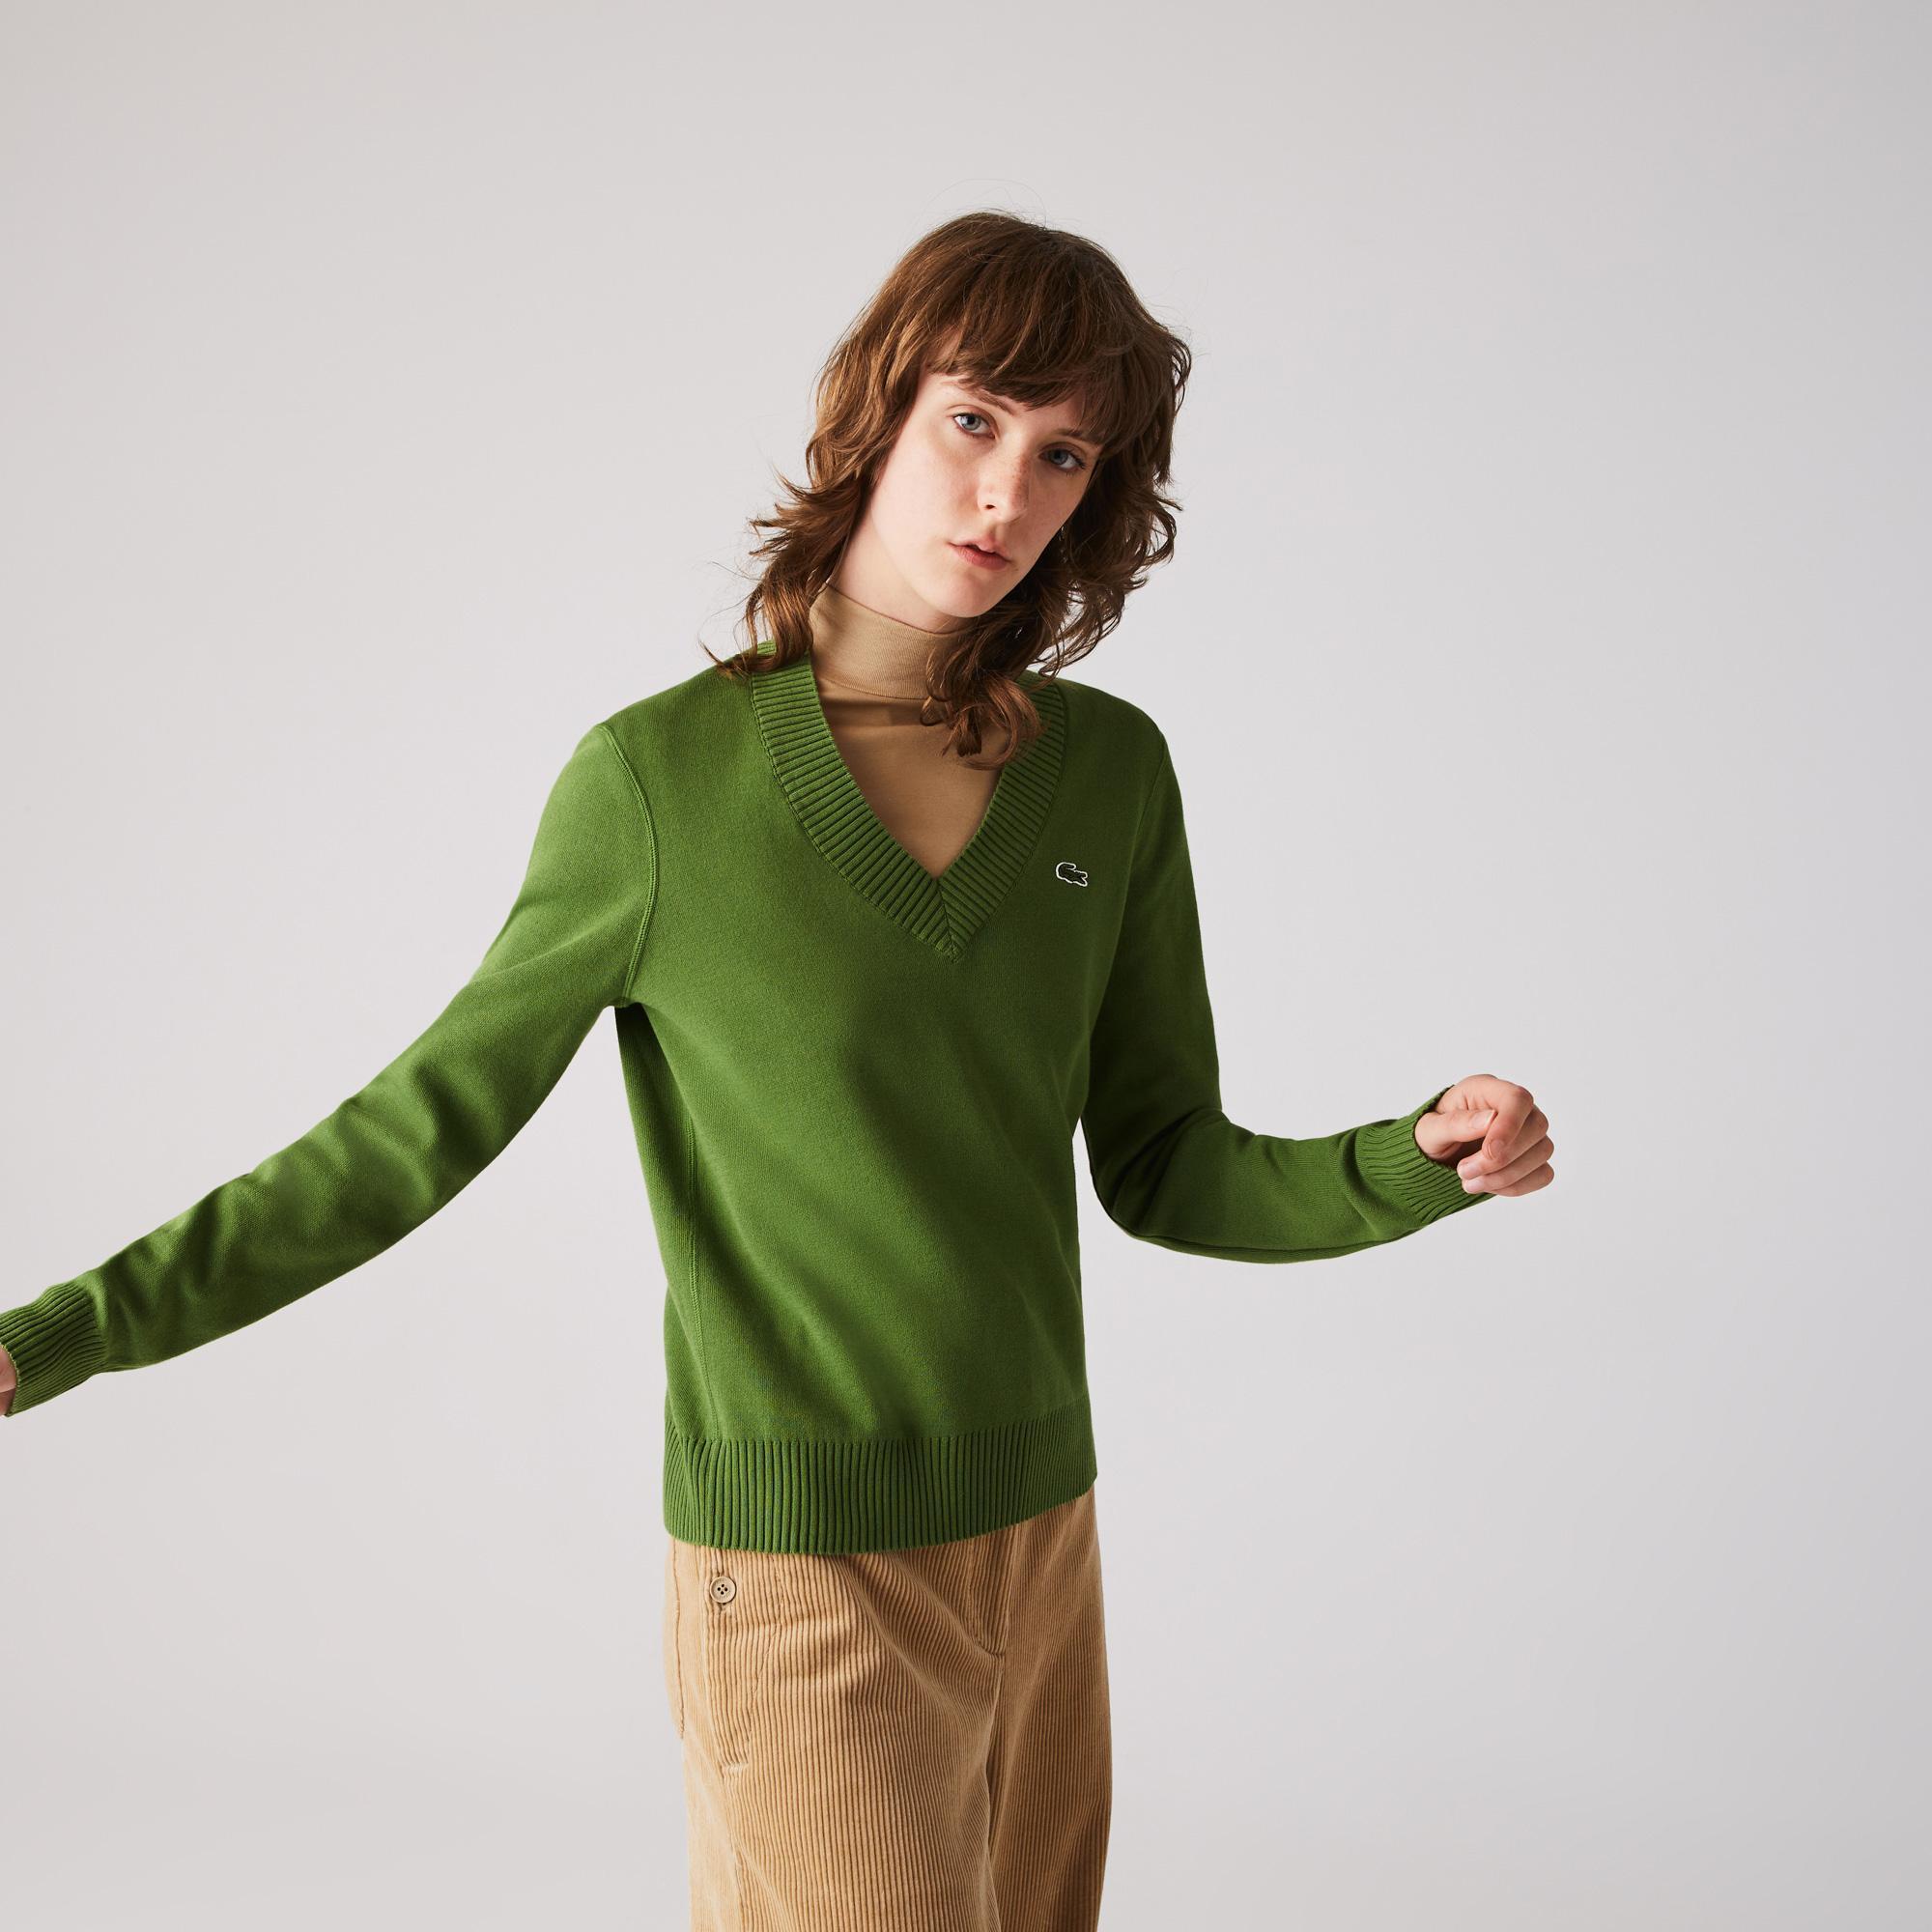 Lacoste Damski Sweter Z Bawełny Organicznej Z Dekoltem W Kształcie Litery V